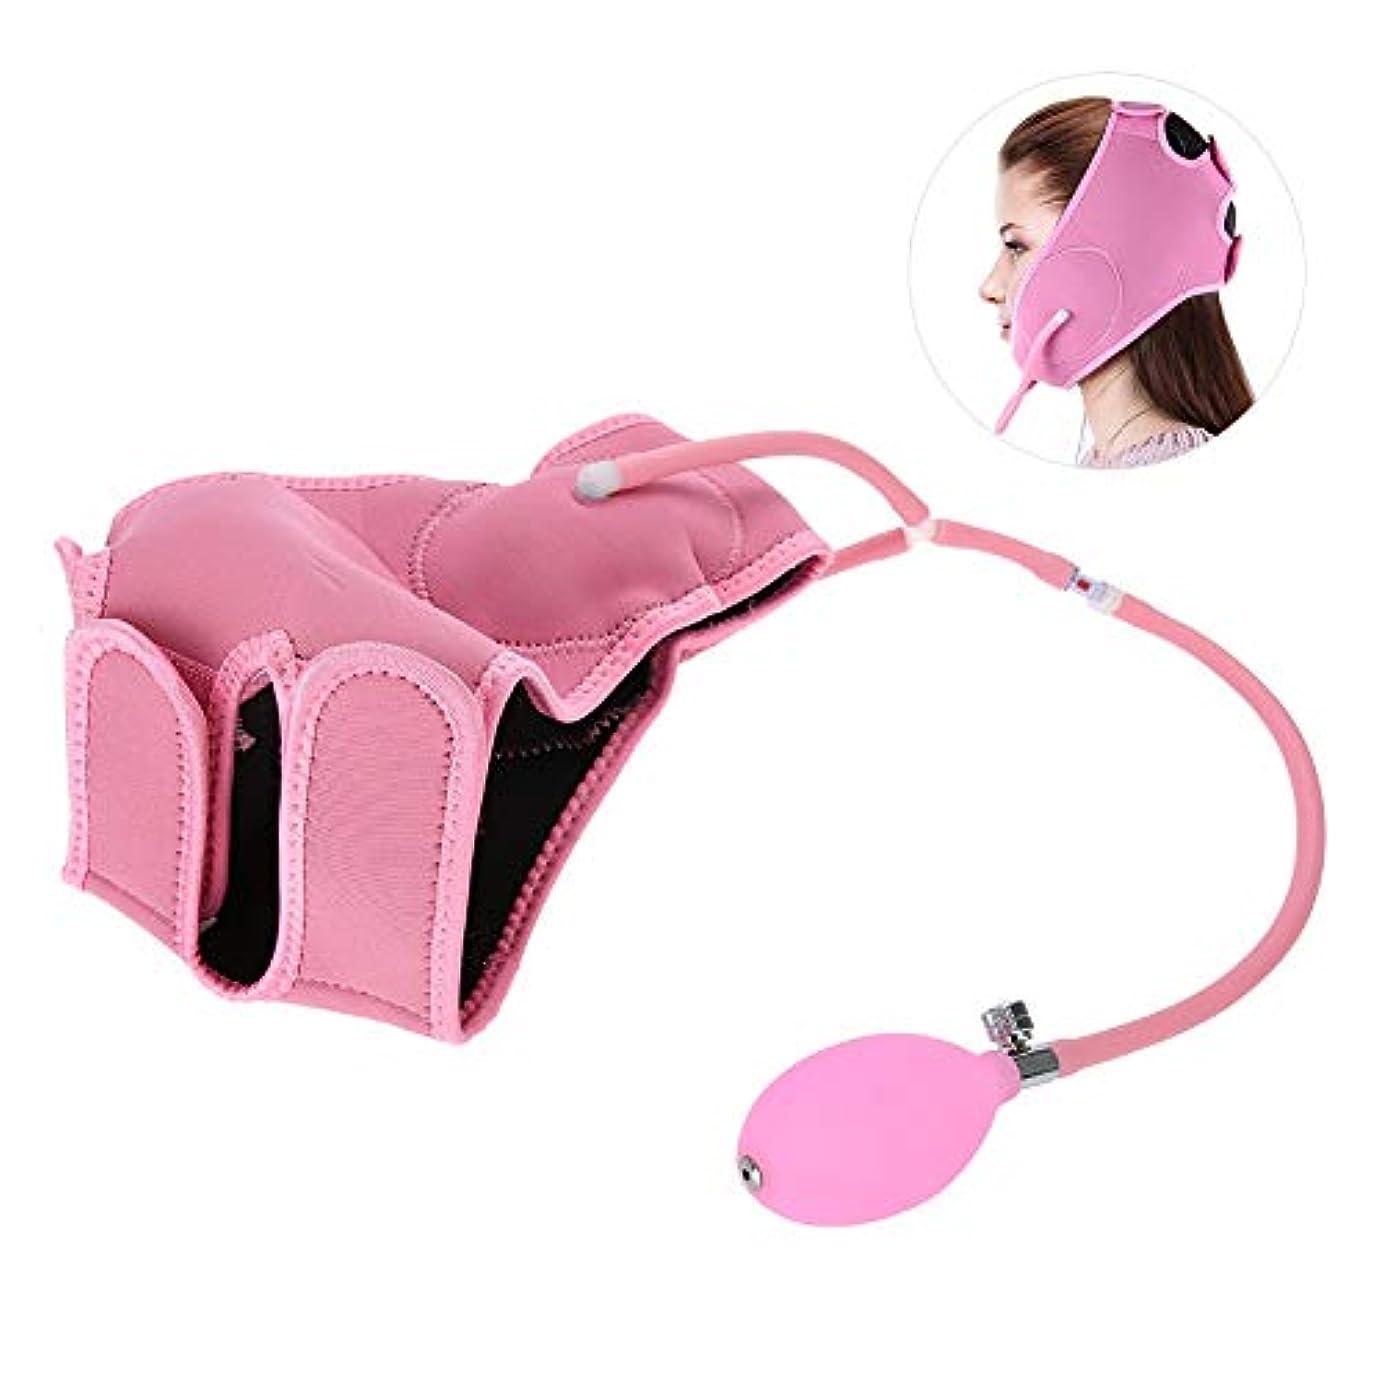 教義アラビア語暴露する美顔術の器械、創造的なエアバッグの設計は持ち上がる包帯をきつく締めます二重あごの美顔術のための顔の心配用具を滑らかにします